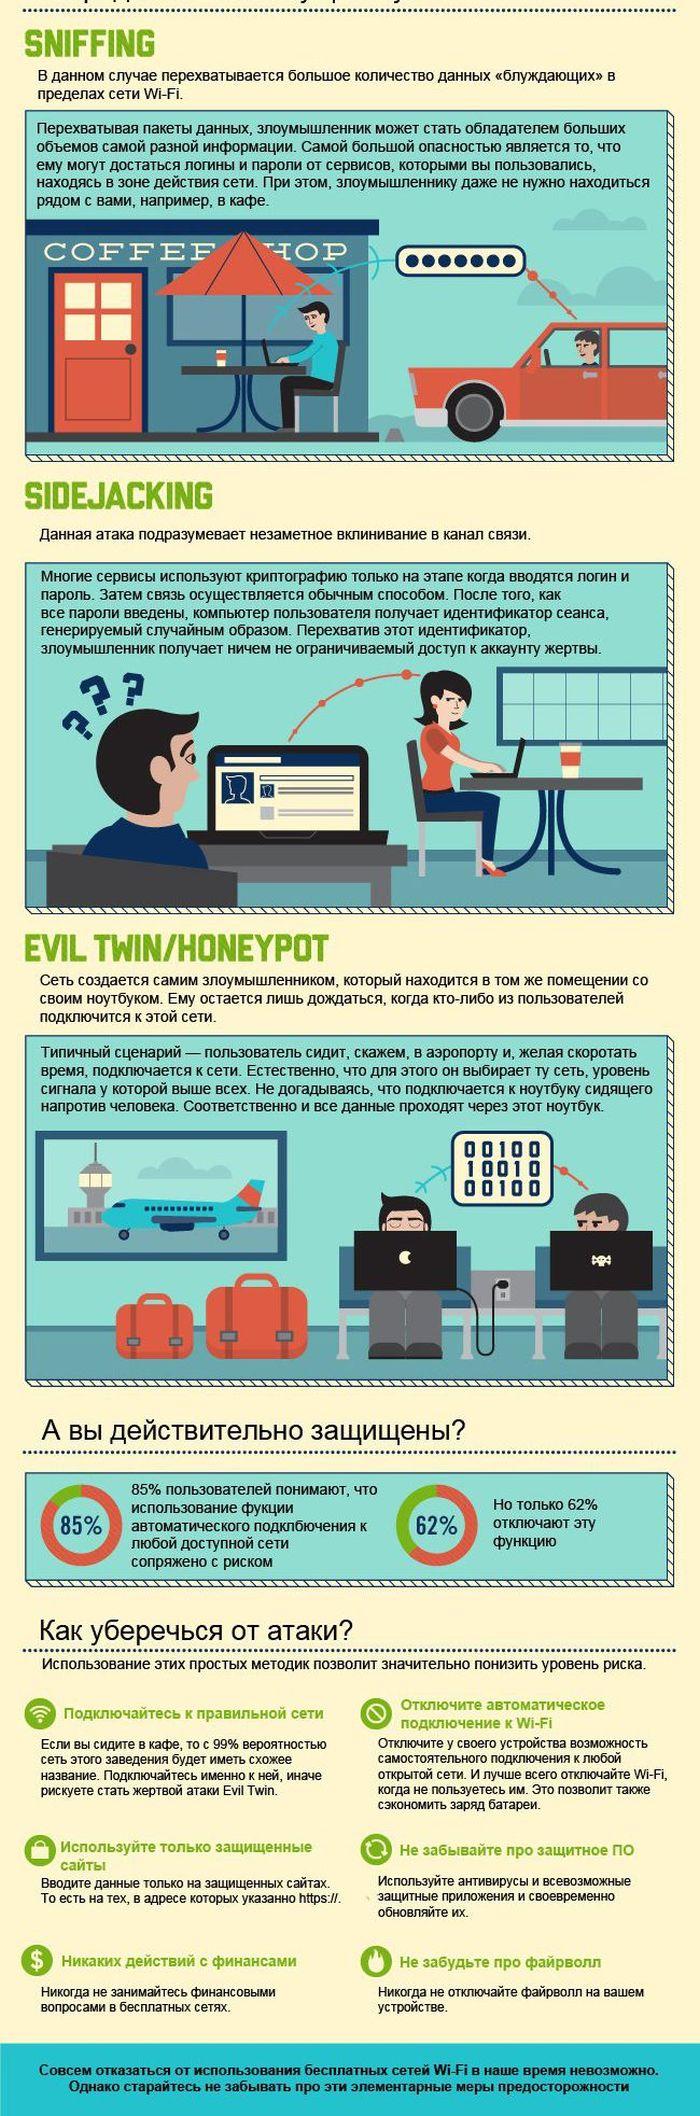 Опасности беспроводных сетей (2 картинки)